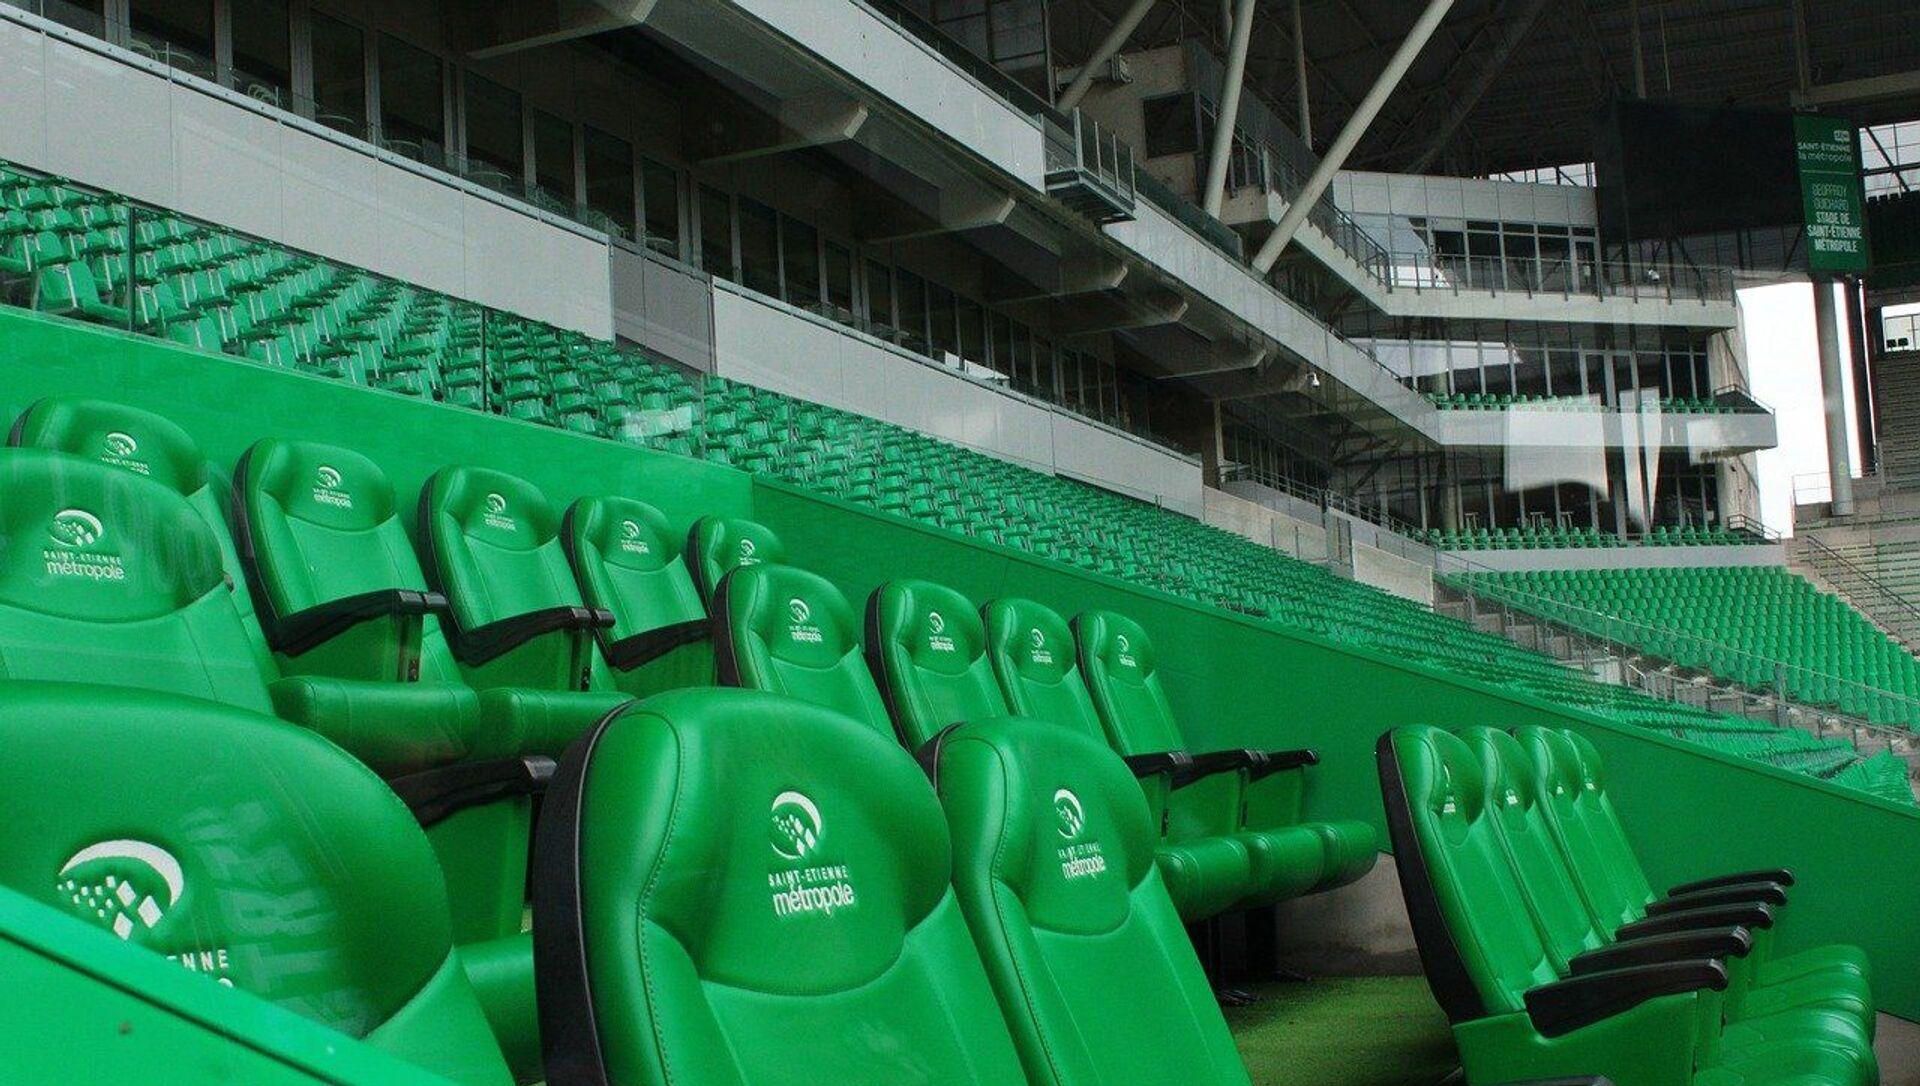 Le stade Geoffroy-Guichard à Saint-Étienne  - Sputnik France, 1920, 10.08.2021